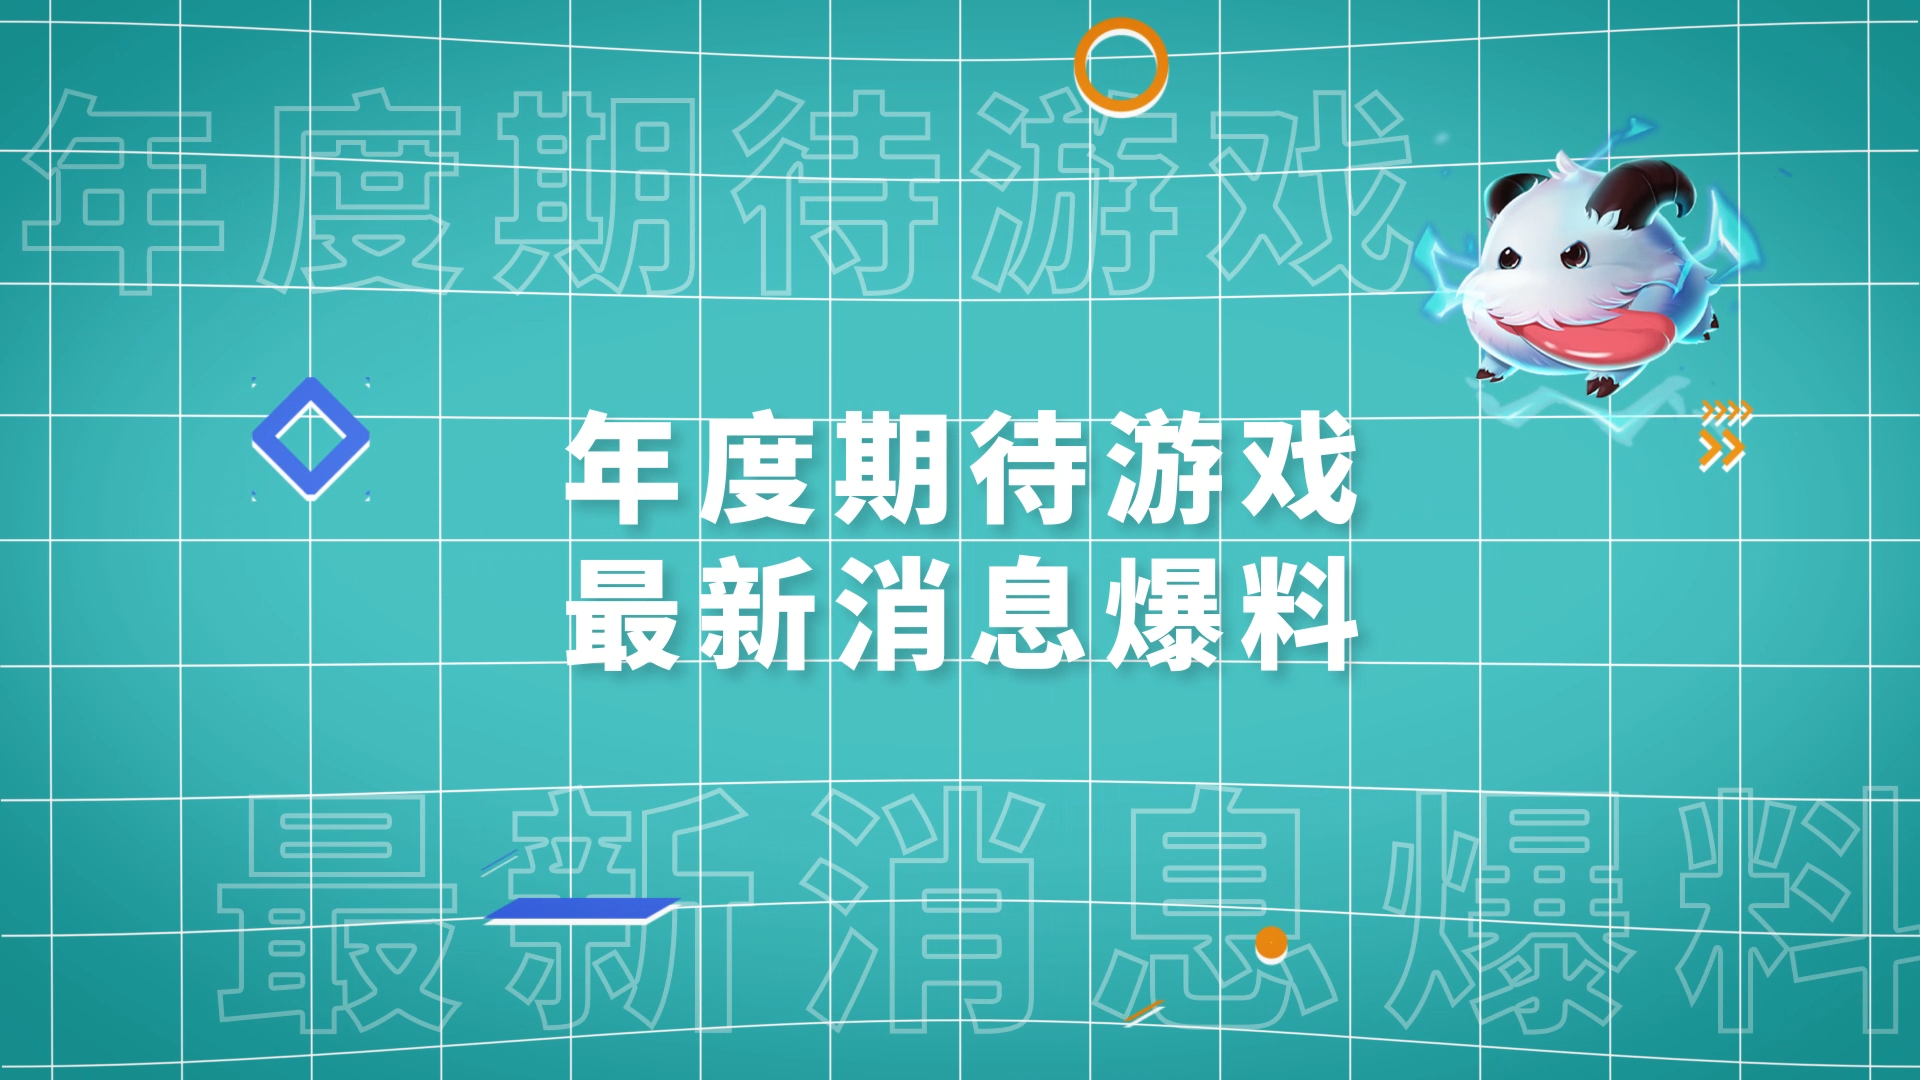 TapTap 游戏发布会预告解锁,期待《英雄联盟手游》超燃测试最新消息!